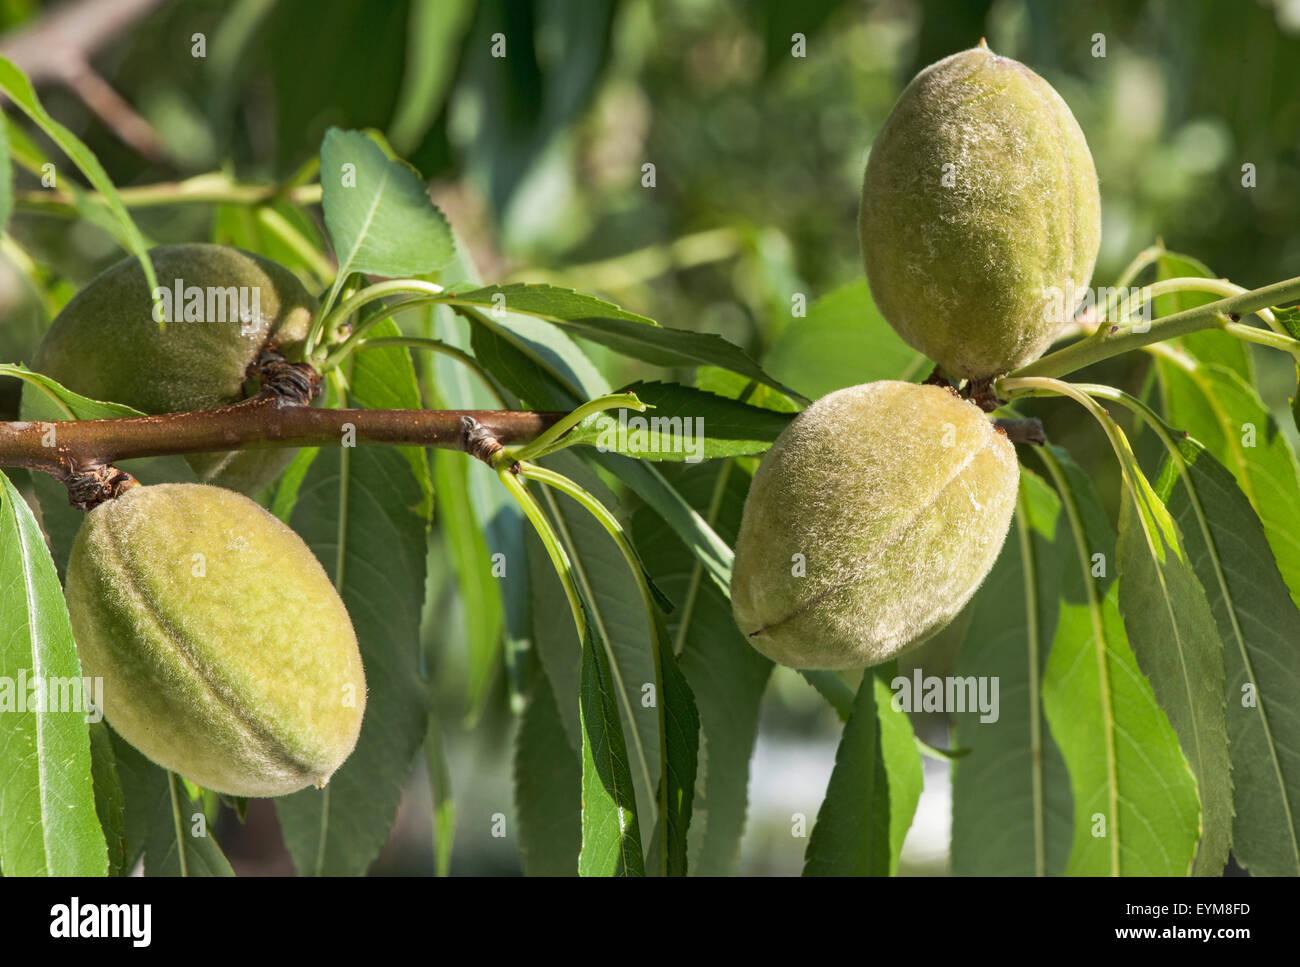 Mandelfrüchte, Blätterzweig, Garten, Prunus dulcis, Rosengewächs - Stock Image